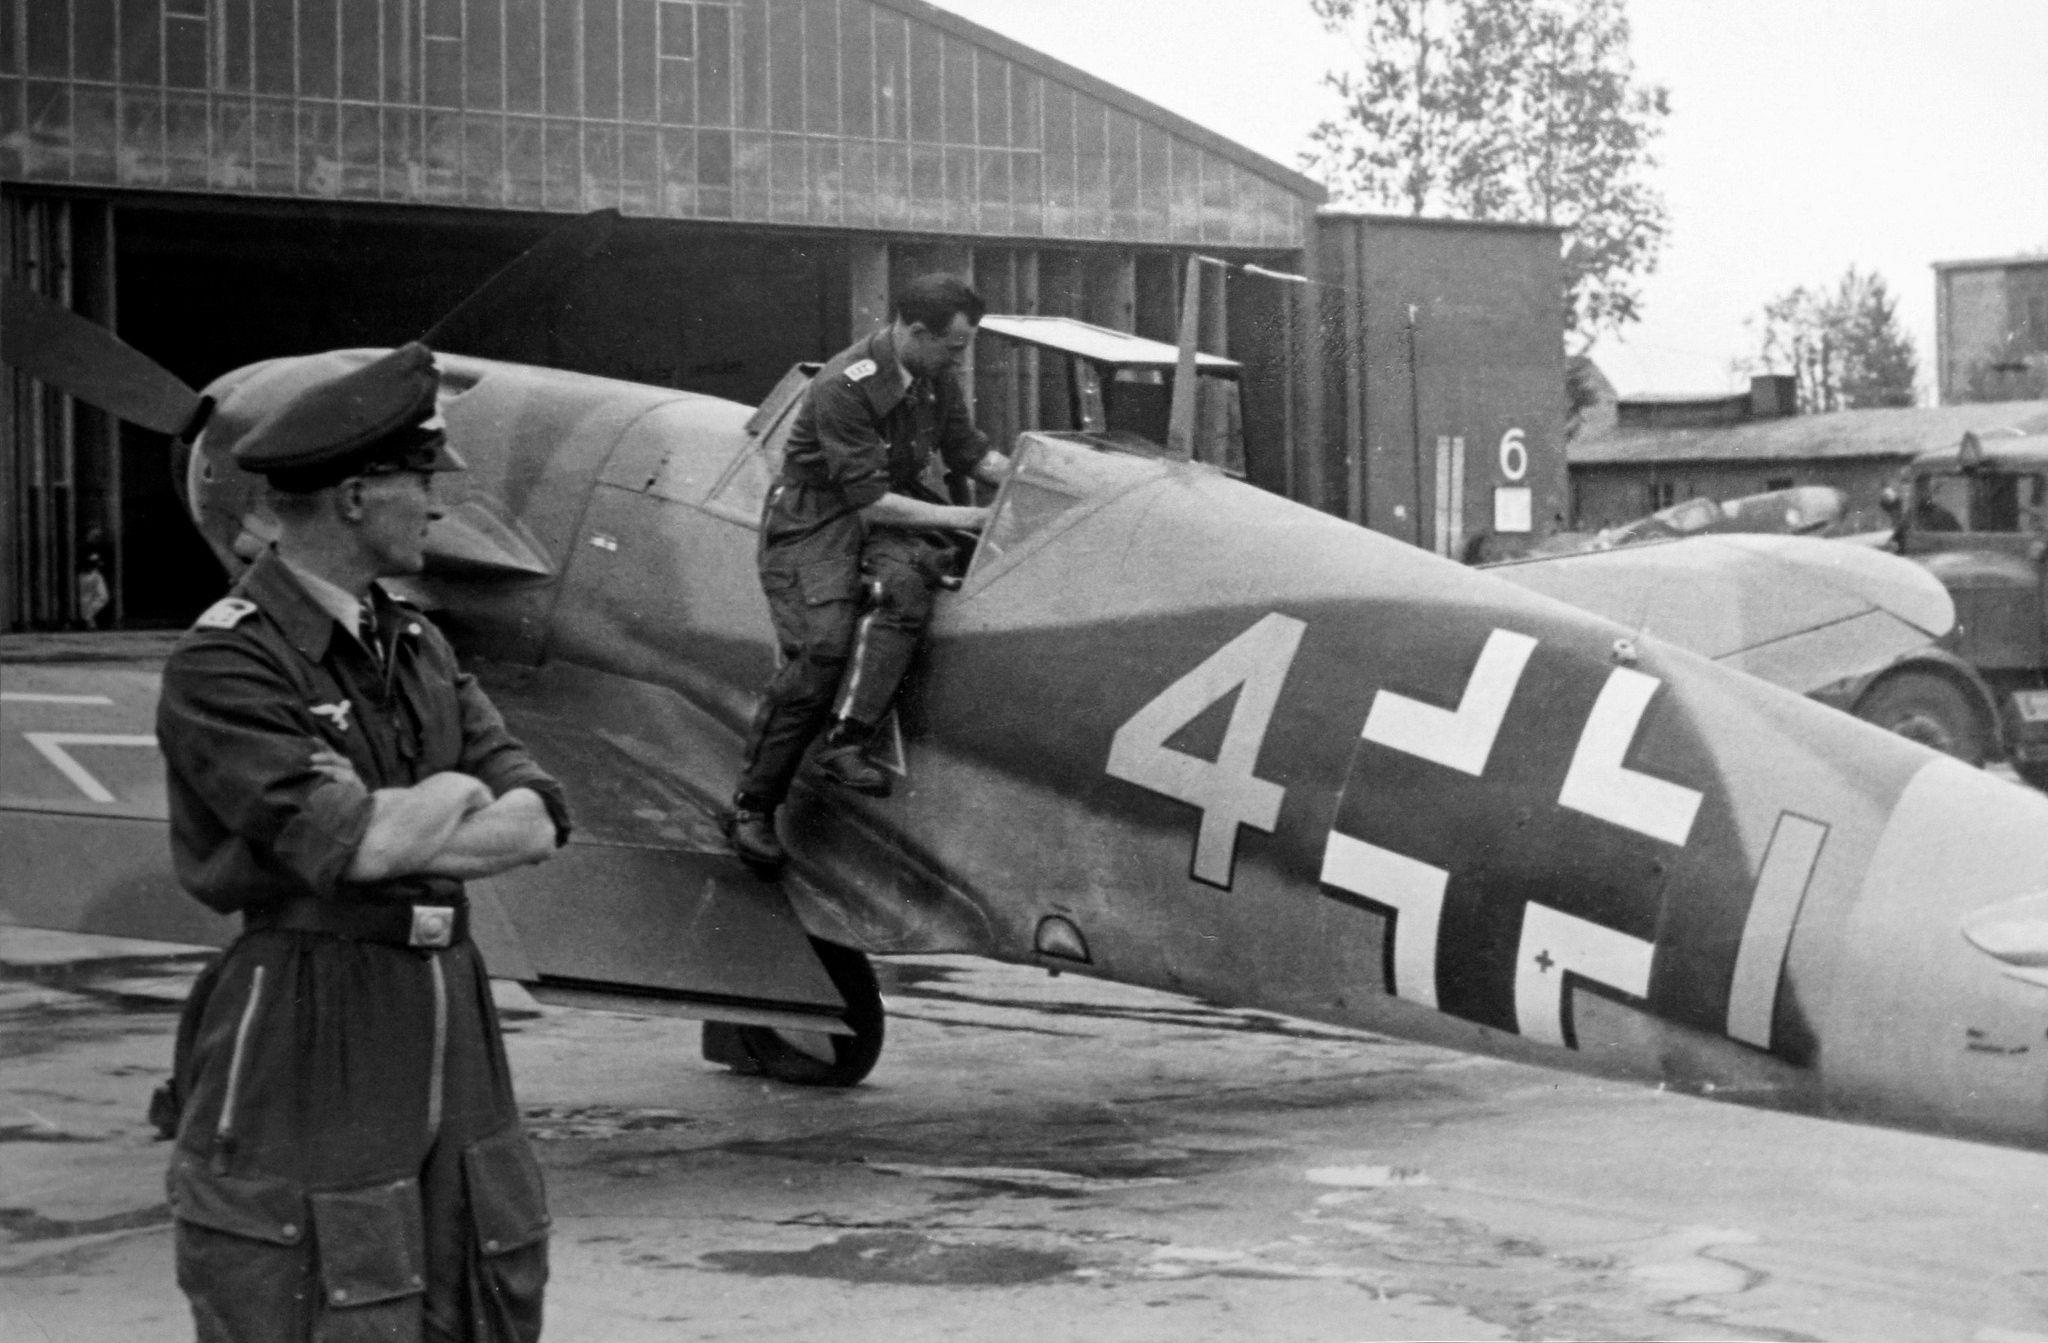 Luftwaffe 46 et autres projets de l'axe à toutes les échelles(Bf 109 G10 erla luft46). - Page 20 5cd847a44989a7a262bd1697984b22fd